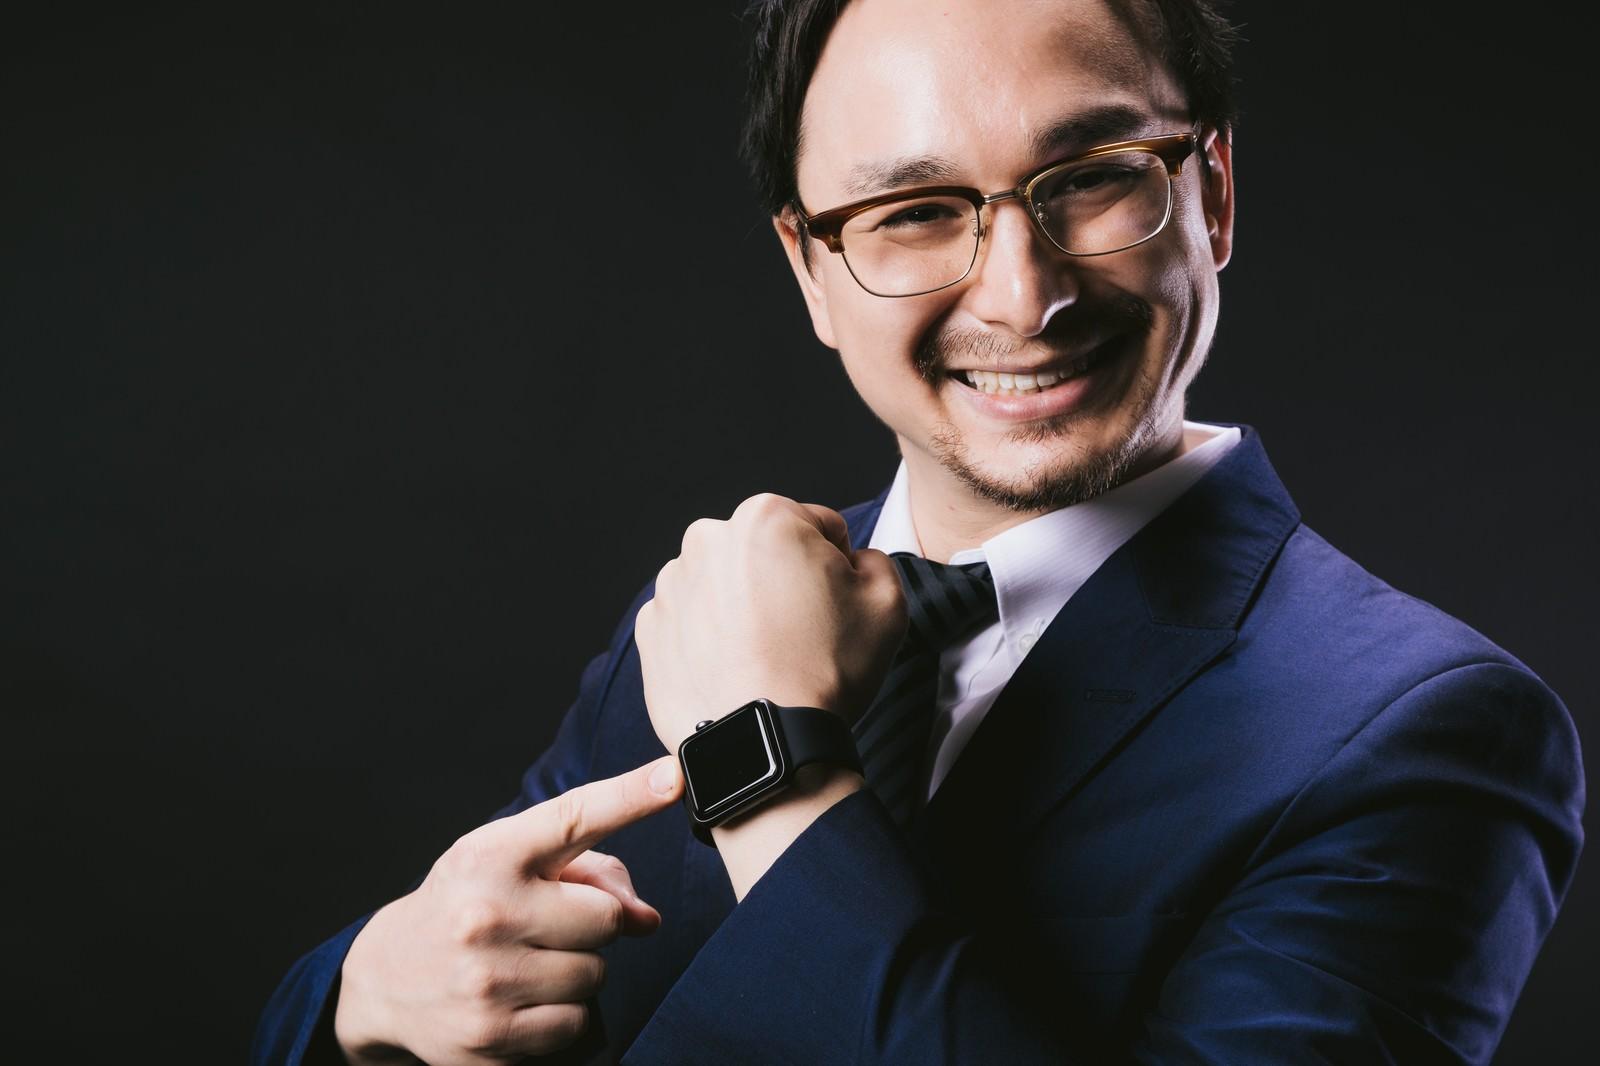 「昇進祝いで Apple Watch を手に入れたエリート」の写真[モデル:Max_Ezaki]